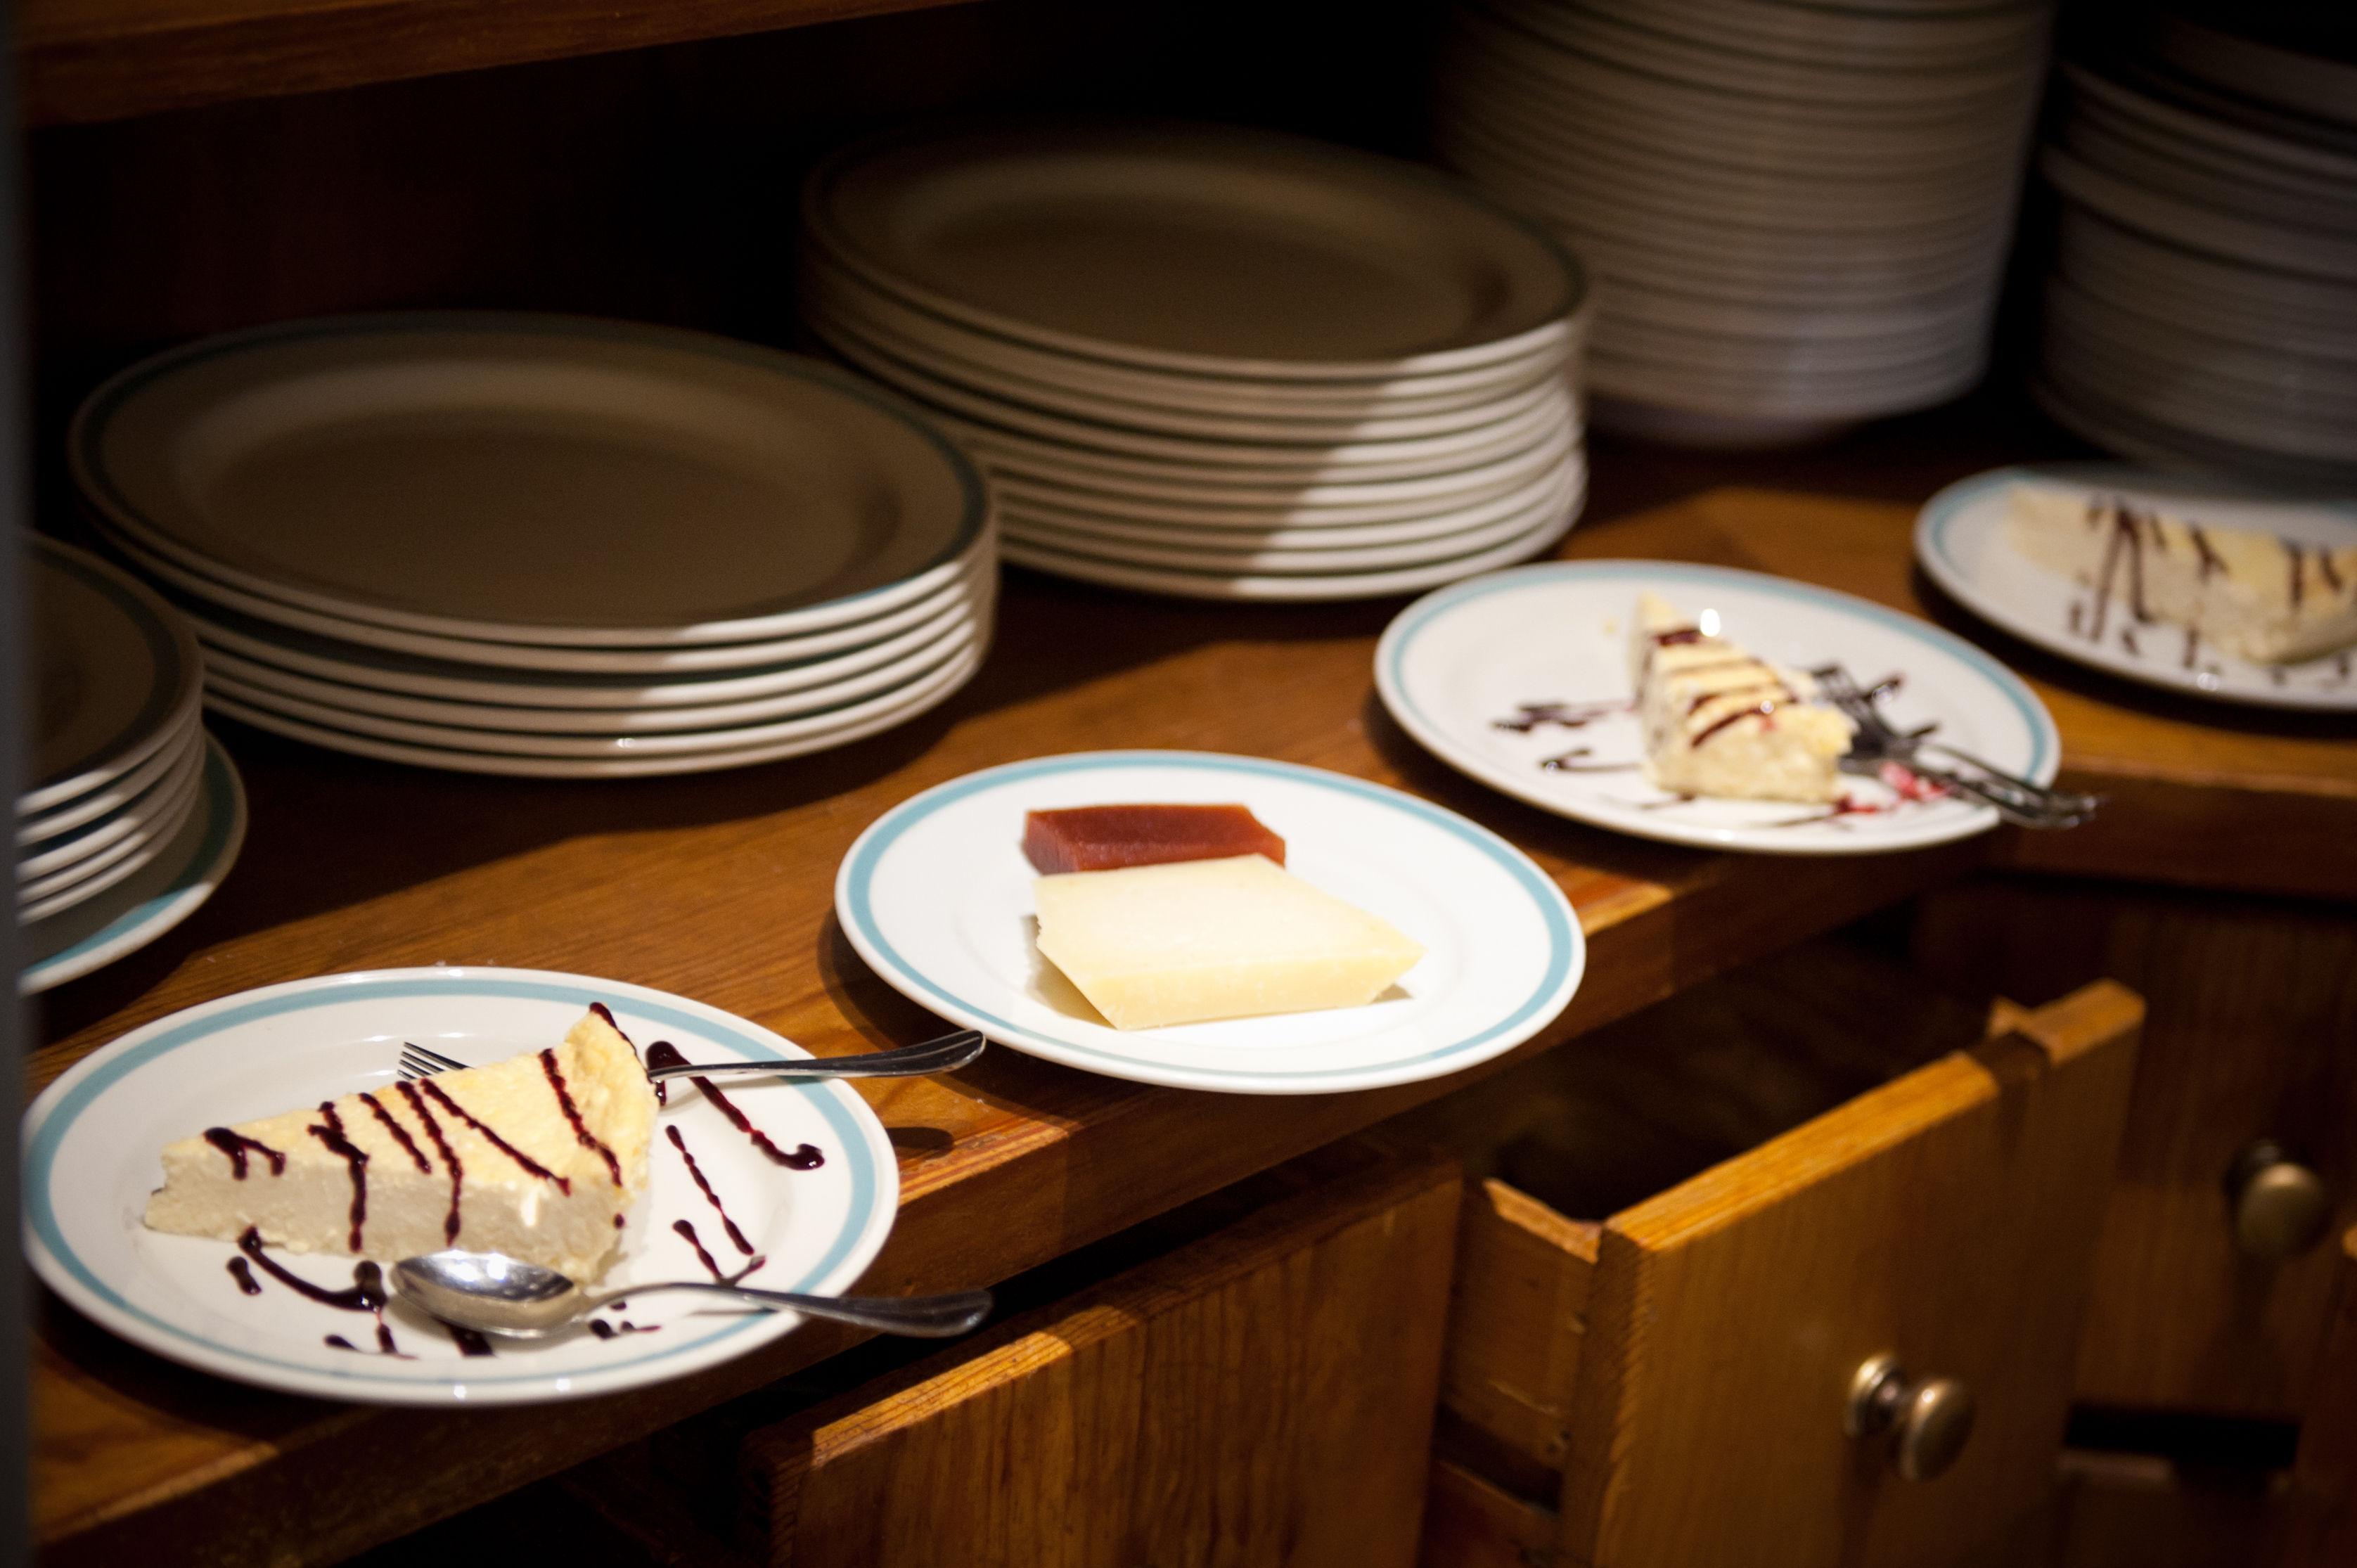 Fotos de asadores cocina tradicional en eibar asador for Asadores de jardin fotos